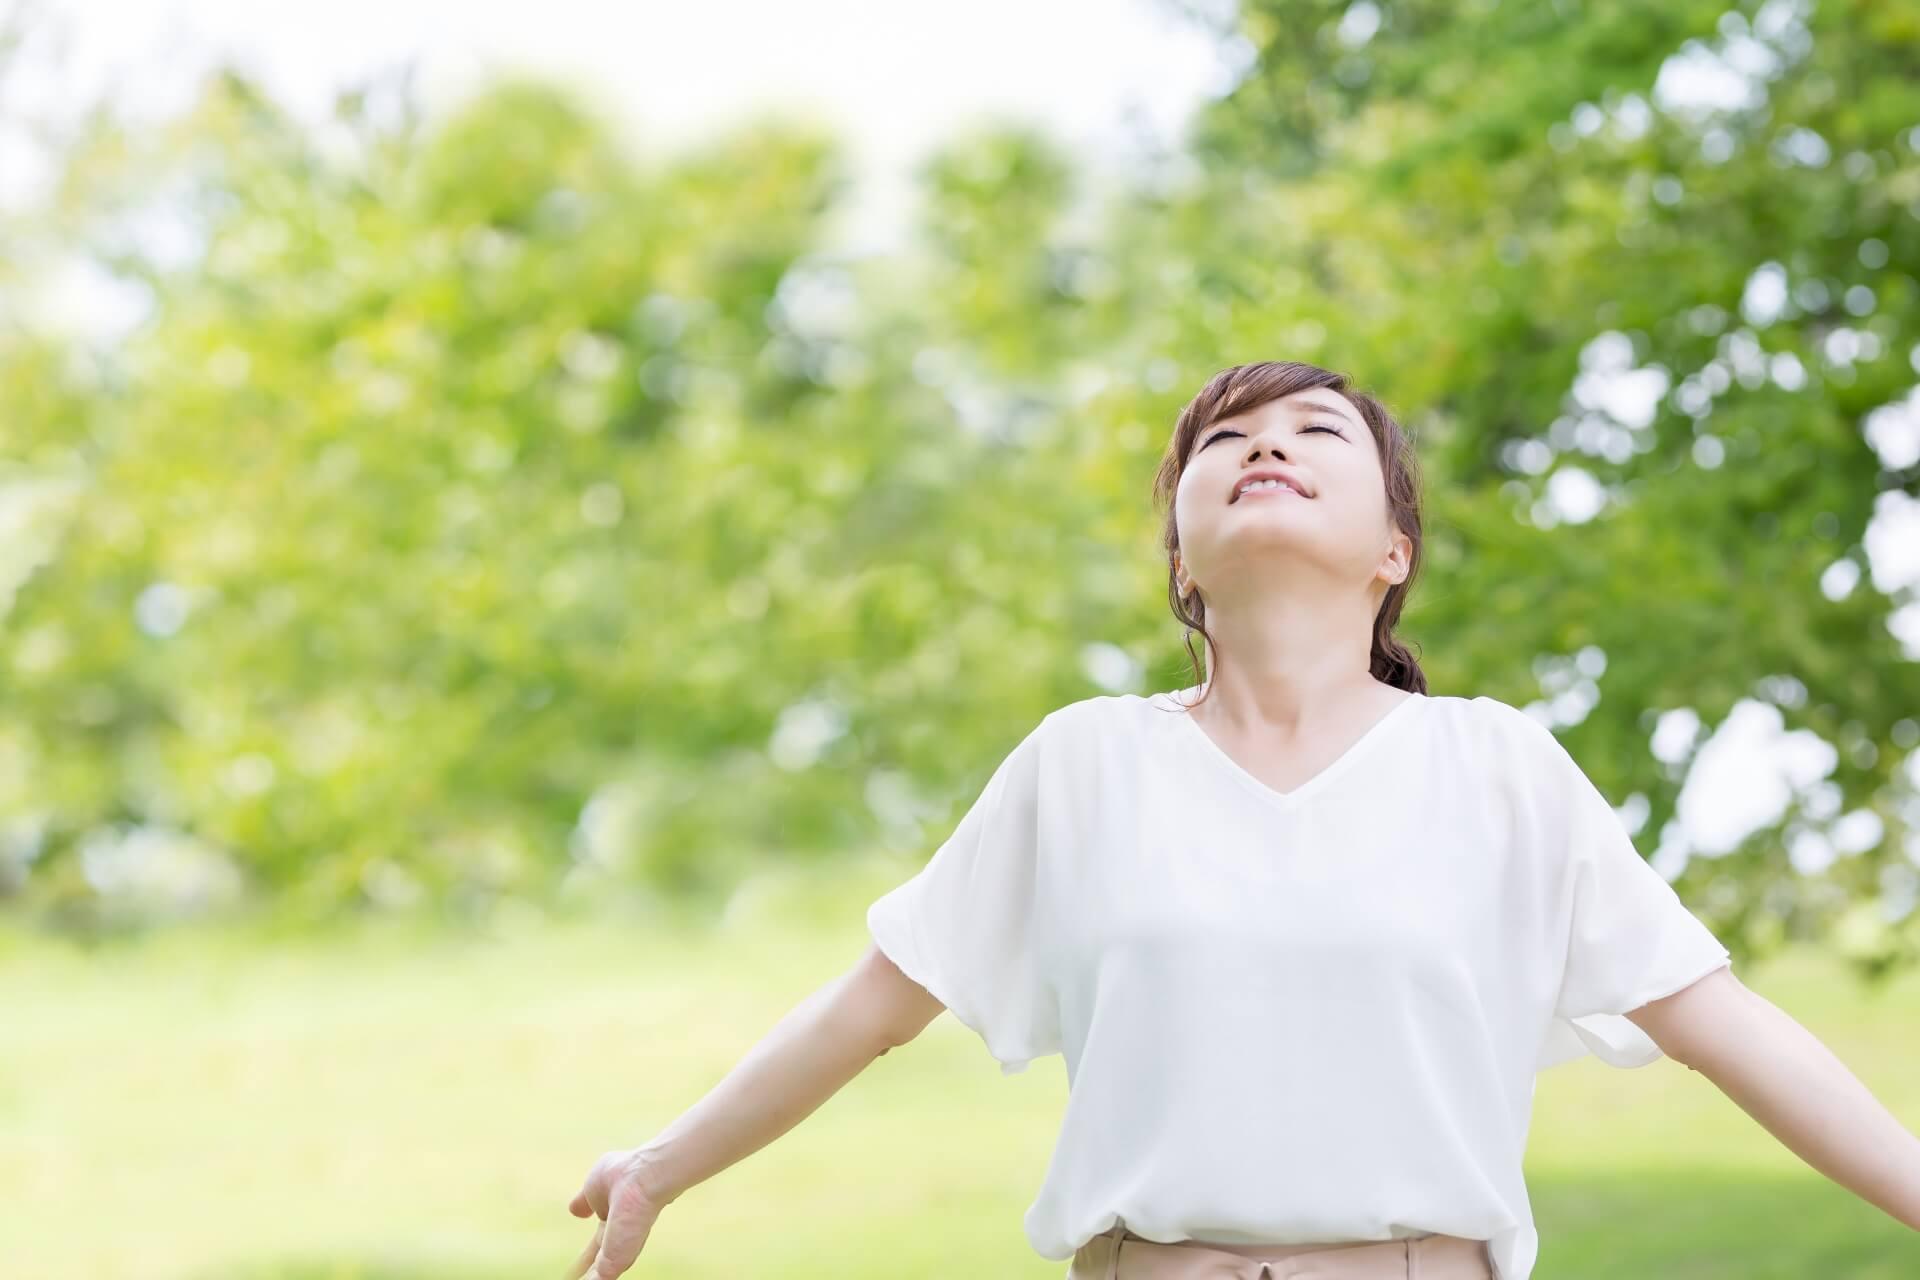 究極にラクして身体を楽にする方法